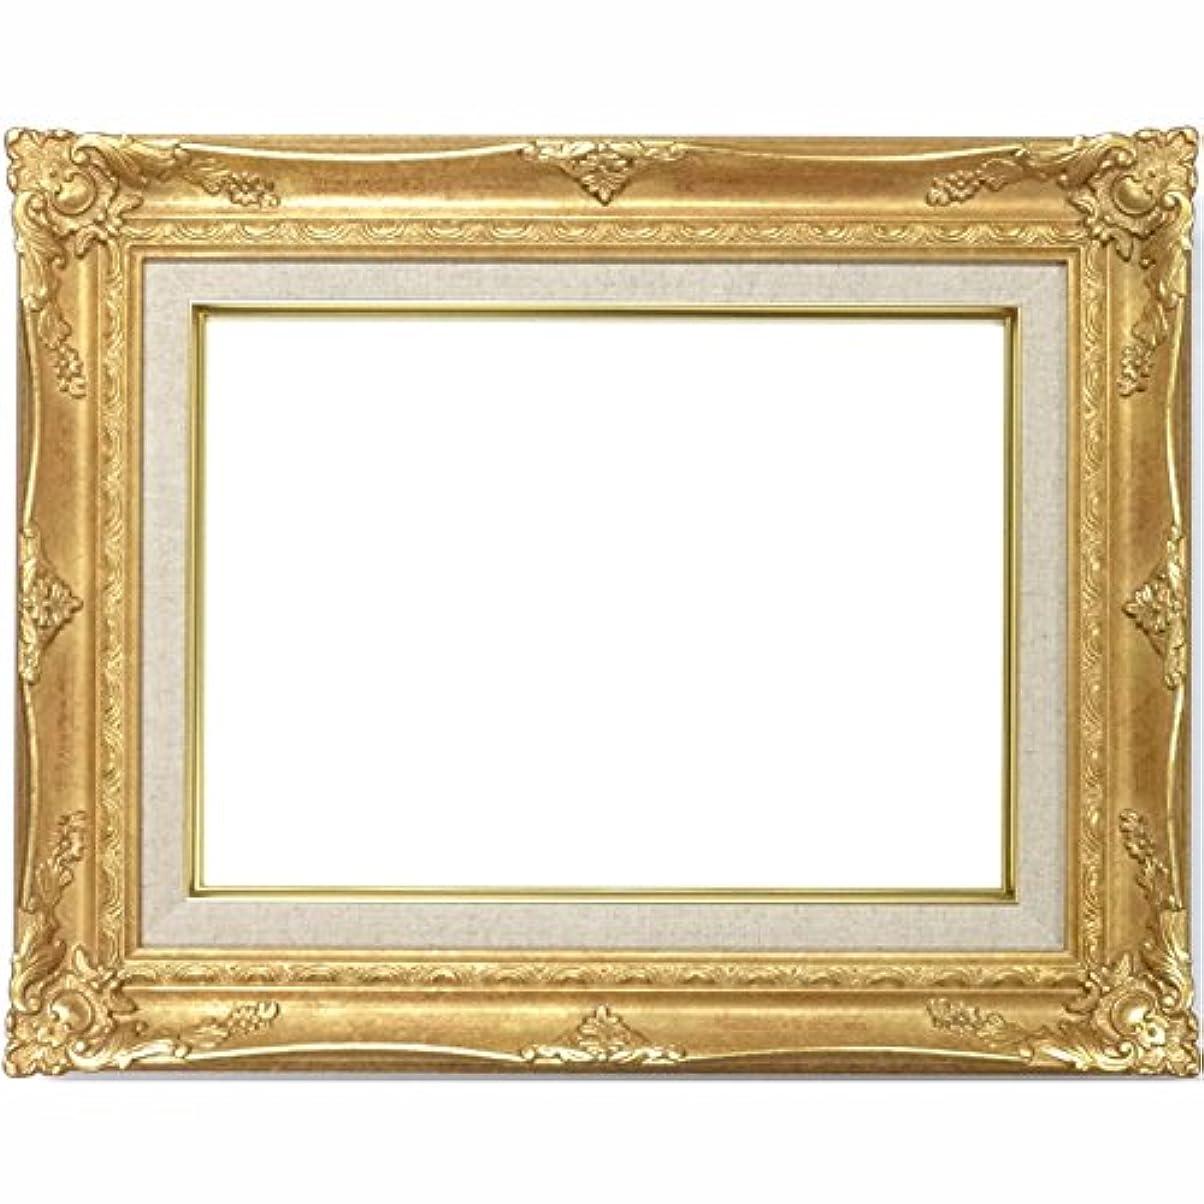 ワイヤー打倒泥棒大額 油彩用額縁 9232N アクリル仕様 壁用フック付 (サムホール, ゴールド)